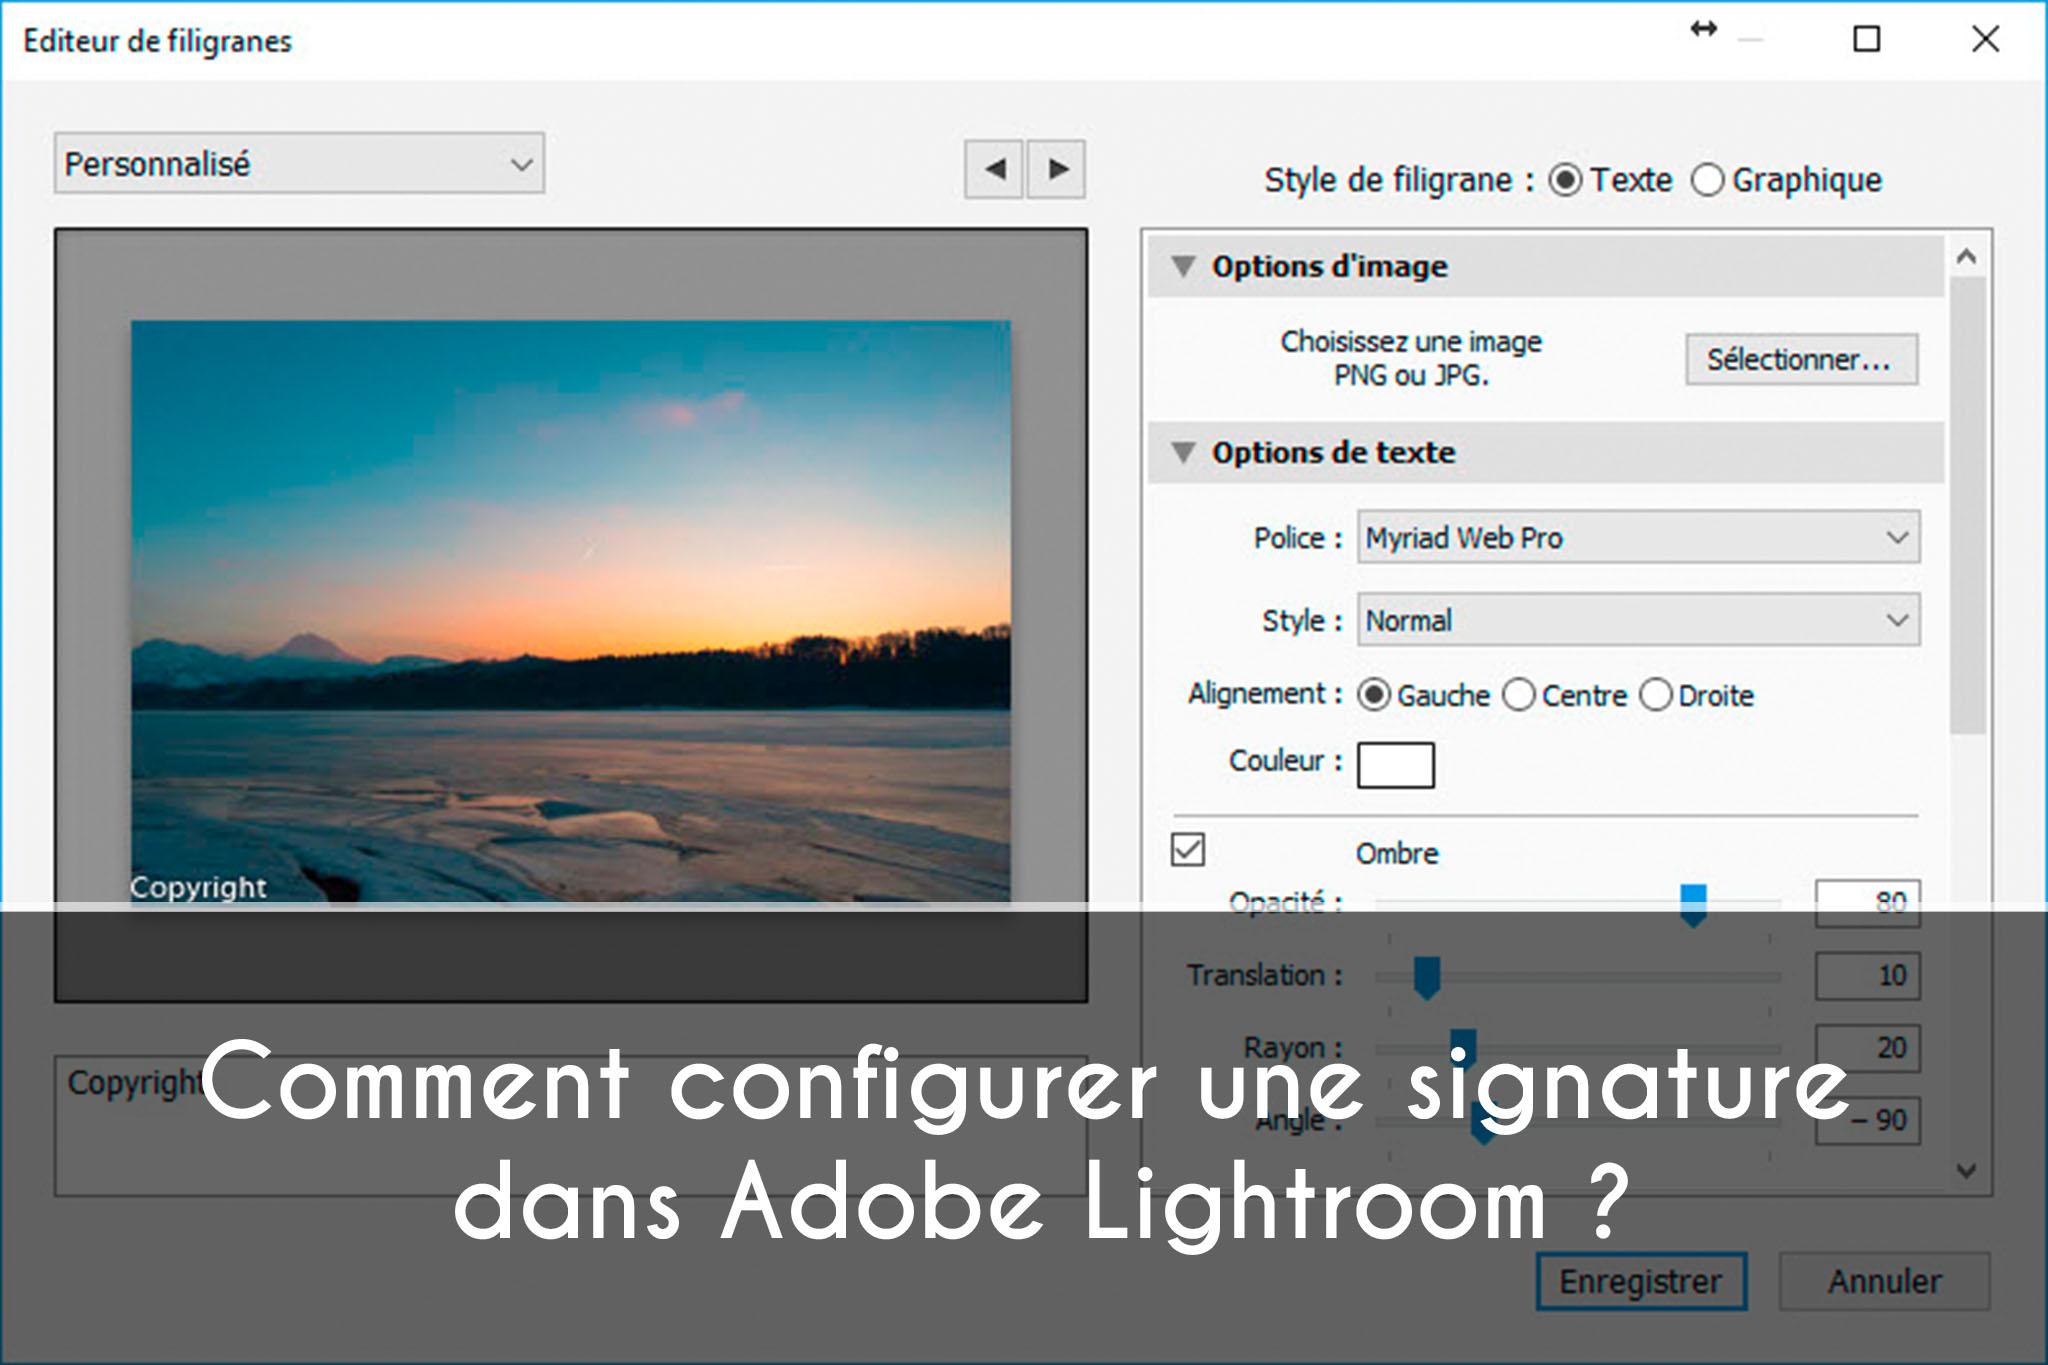 Comment configurer une signature dans Adobe Lightroom ?